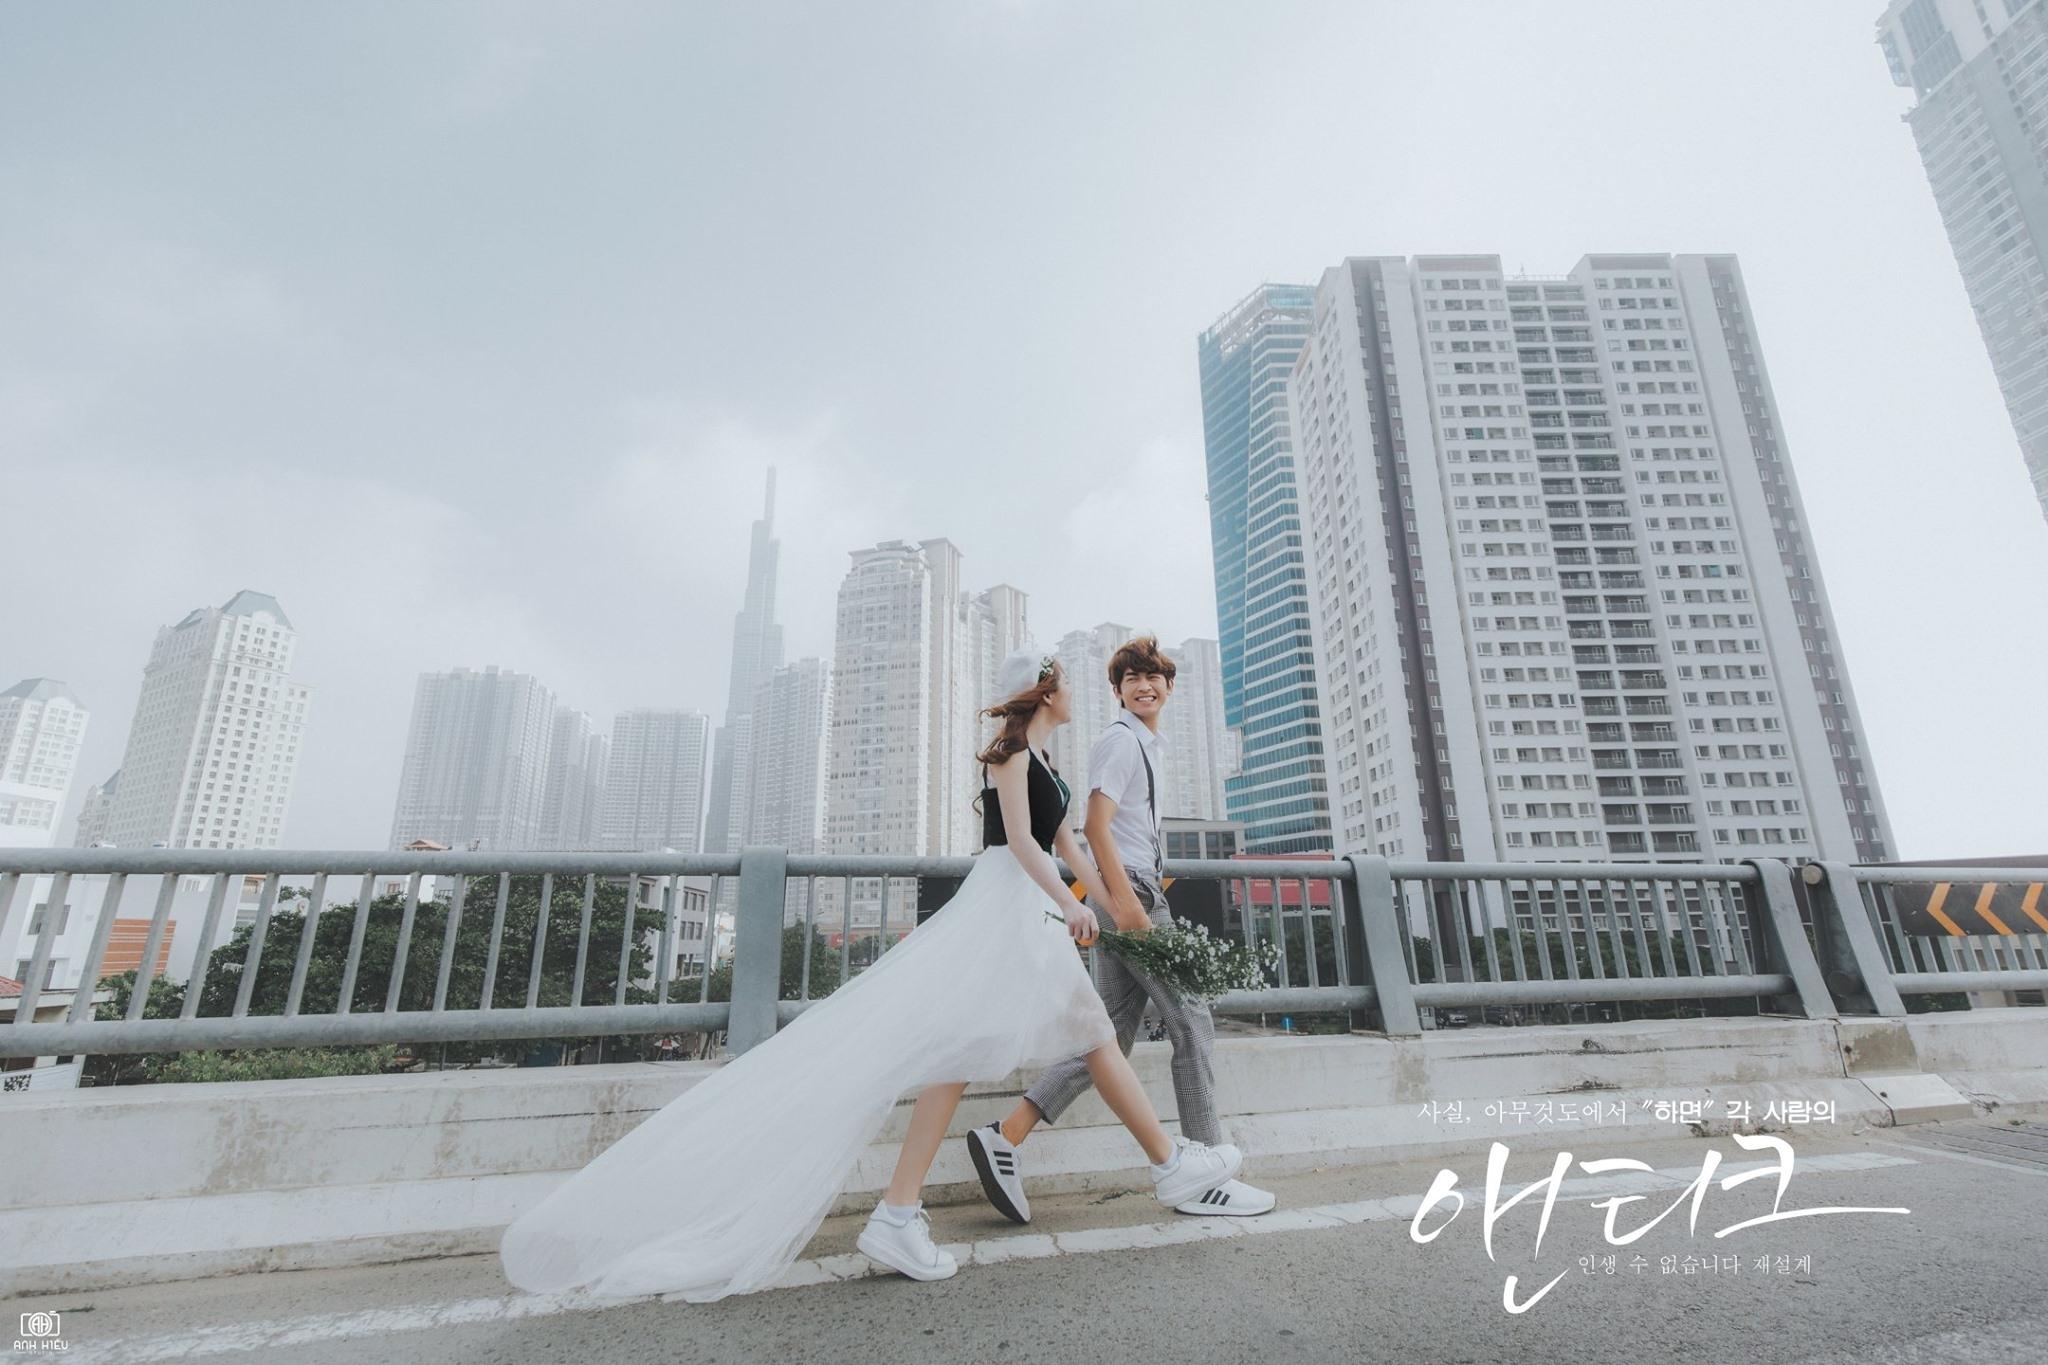 Hinh Cuoi Sai Gon Pho Album 3 (3)